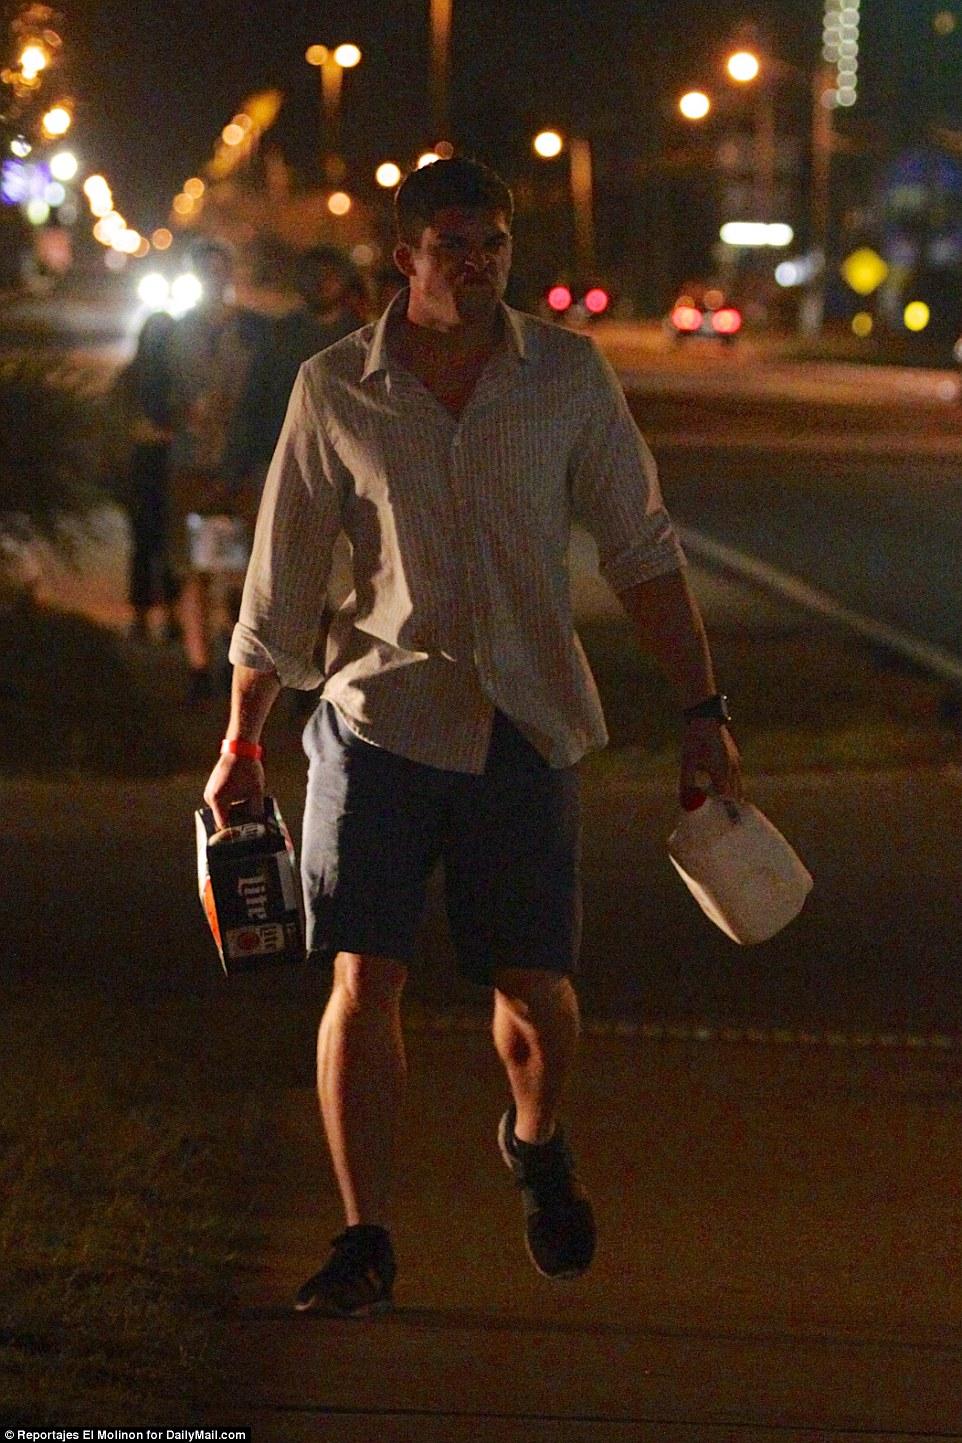 Парень отправляется домой с шестью бутылками пива и пакетом молока.